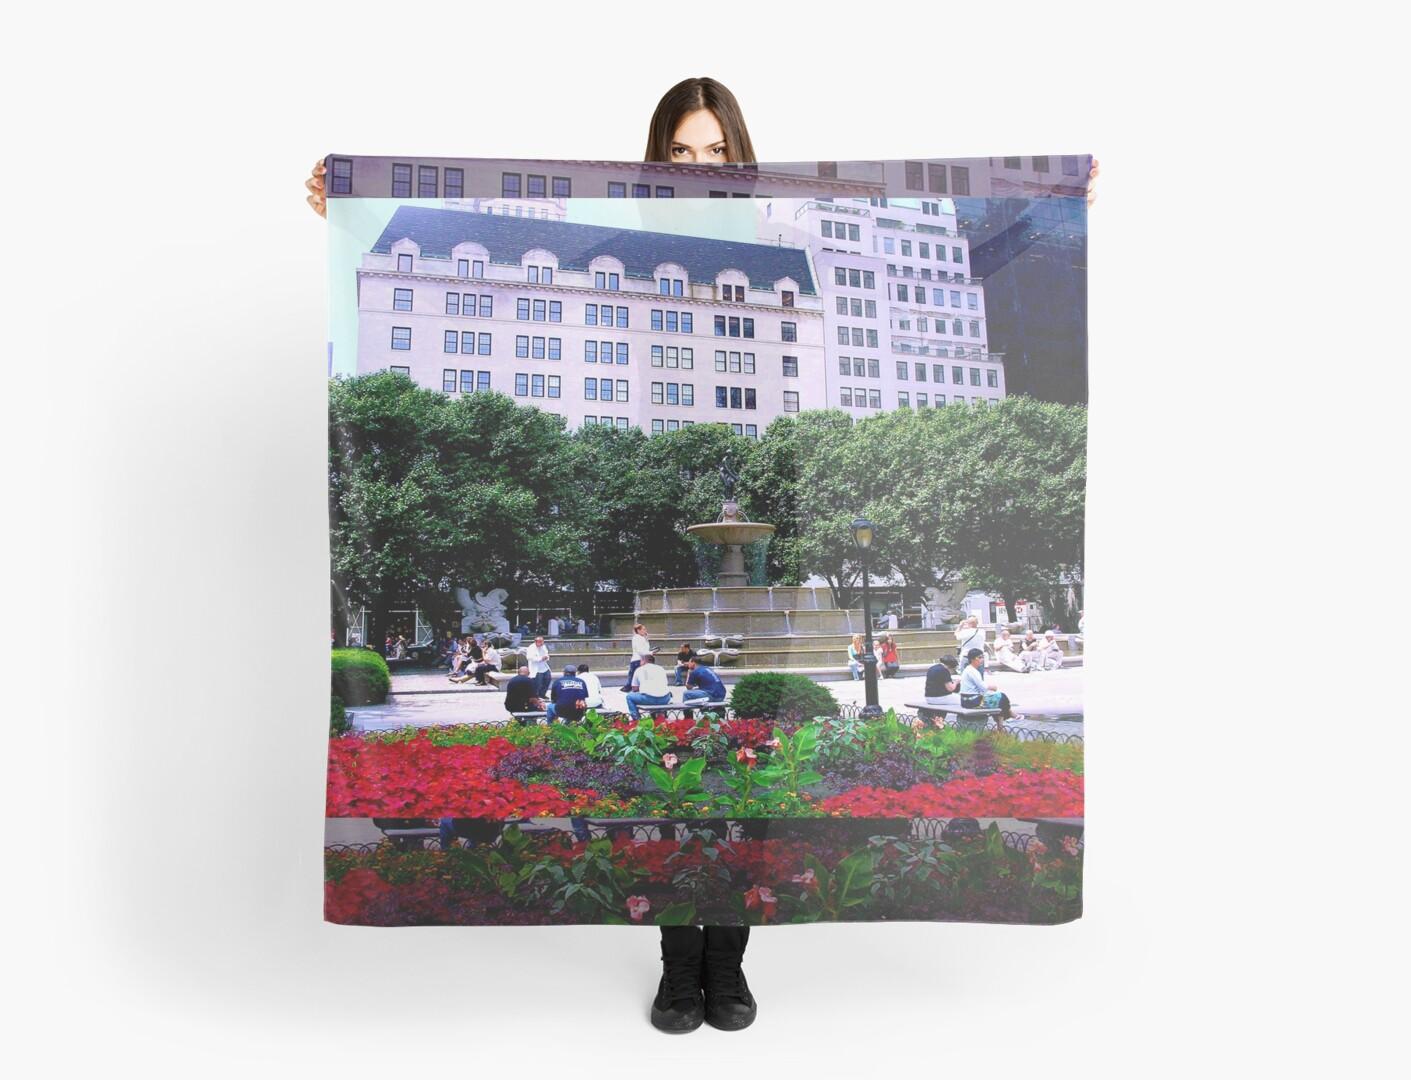 Plaza Hotel/Fountain, NYC, NY by Ellen Turner